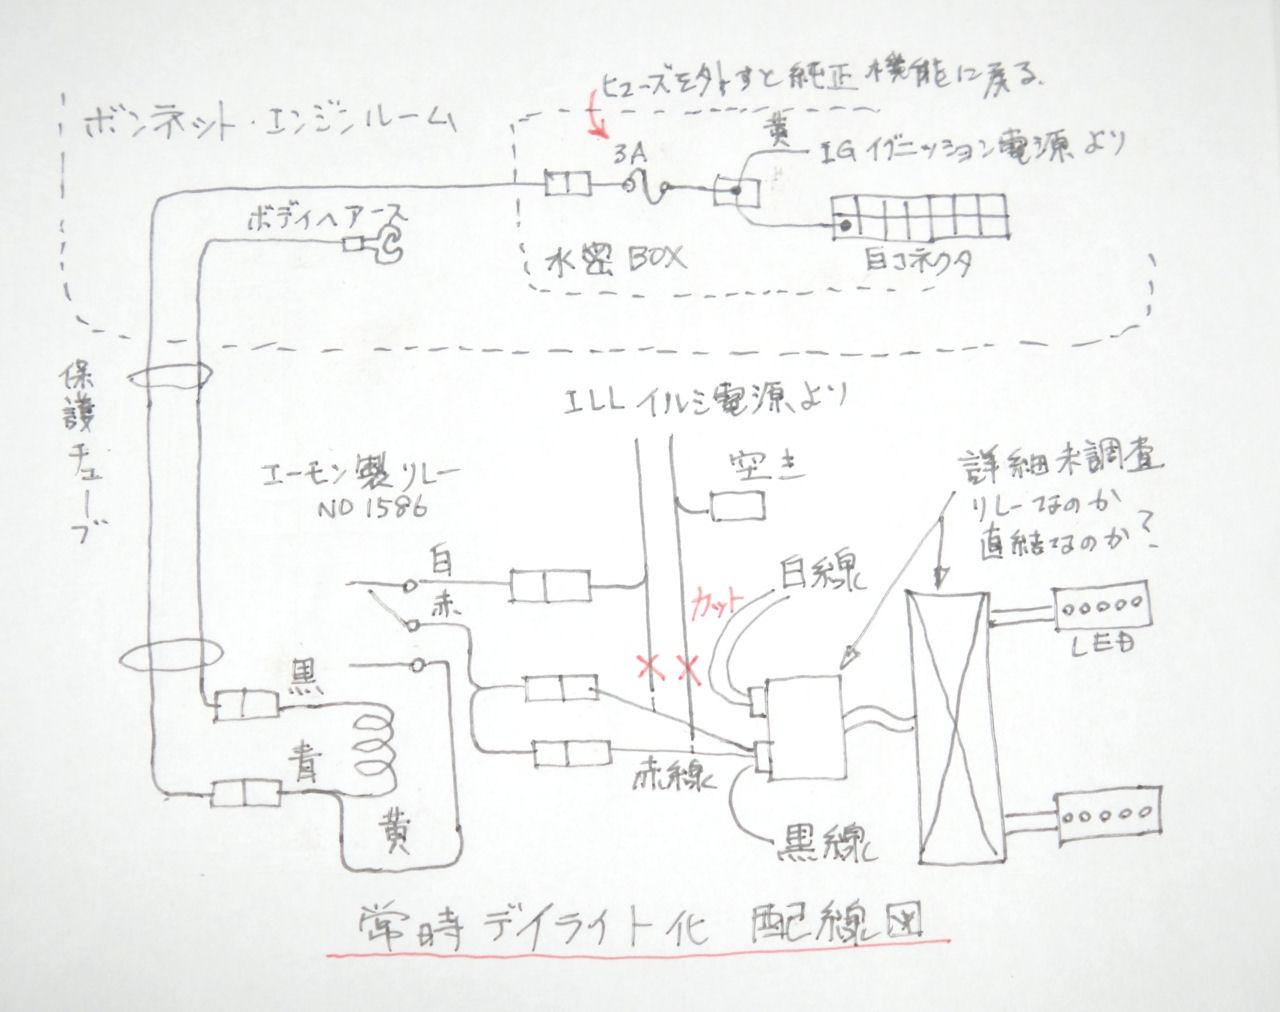 デイライト化配線図2種